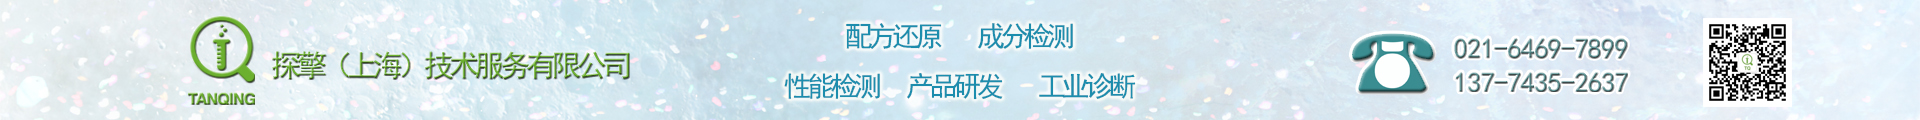 探擎(上海)技術  有限公司